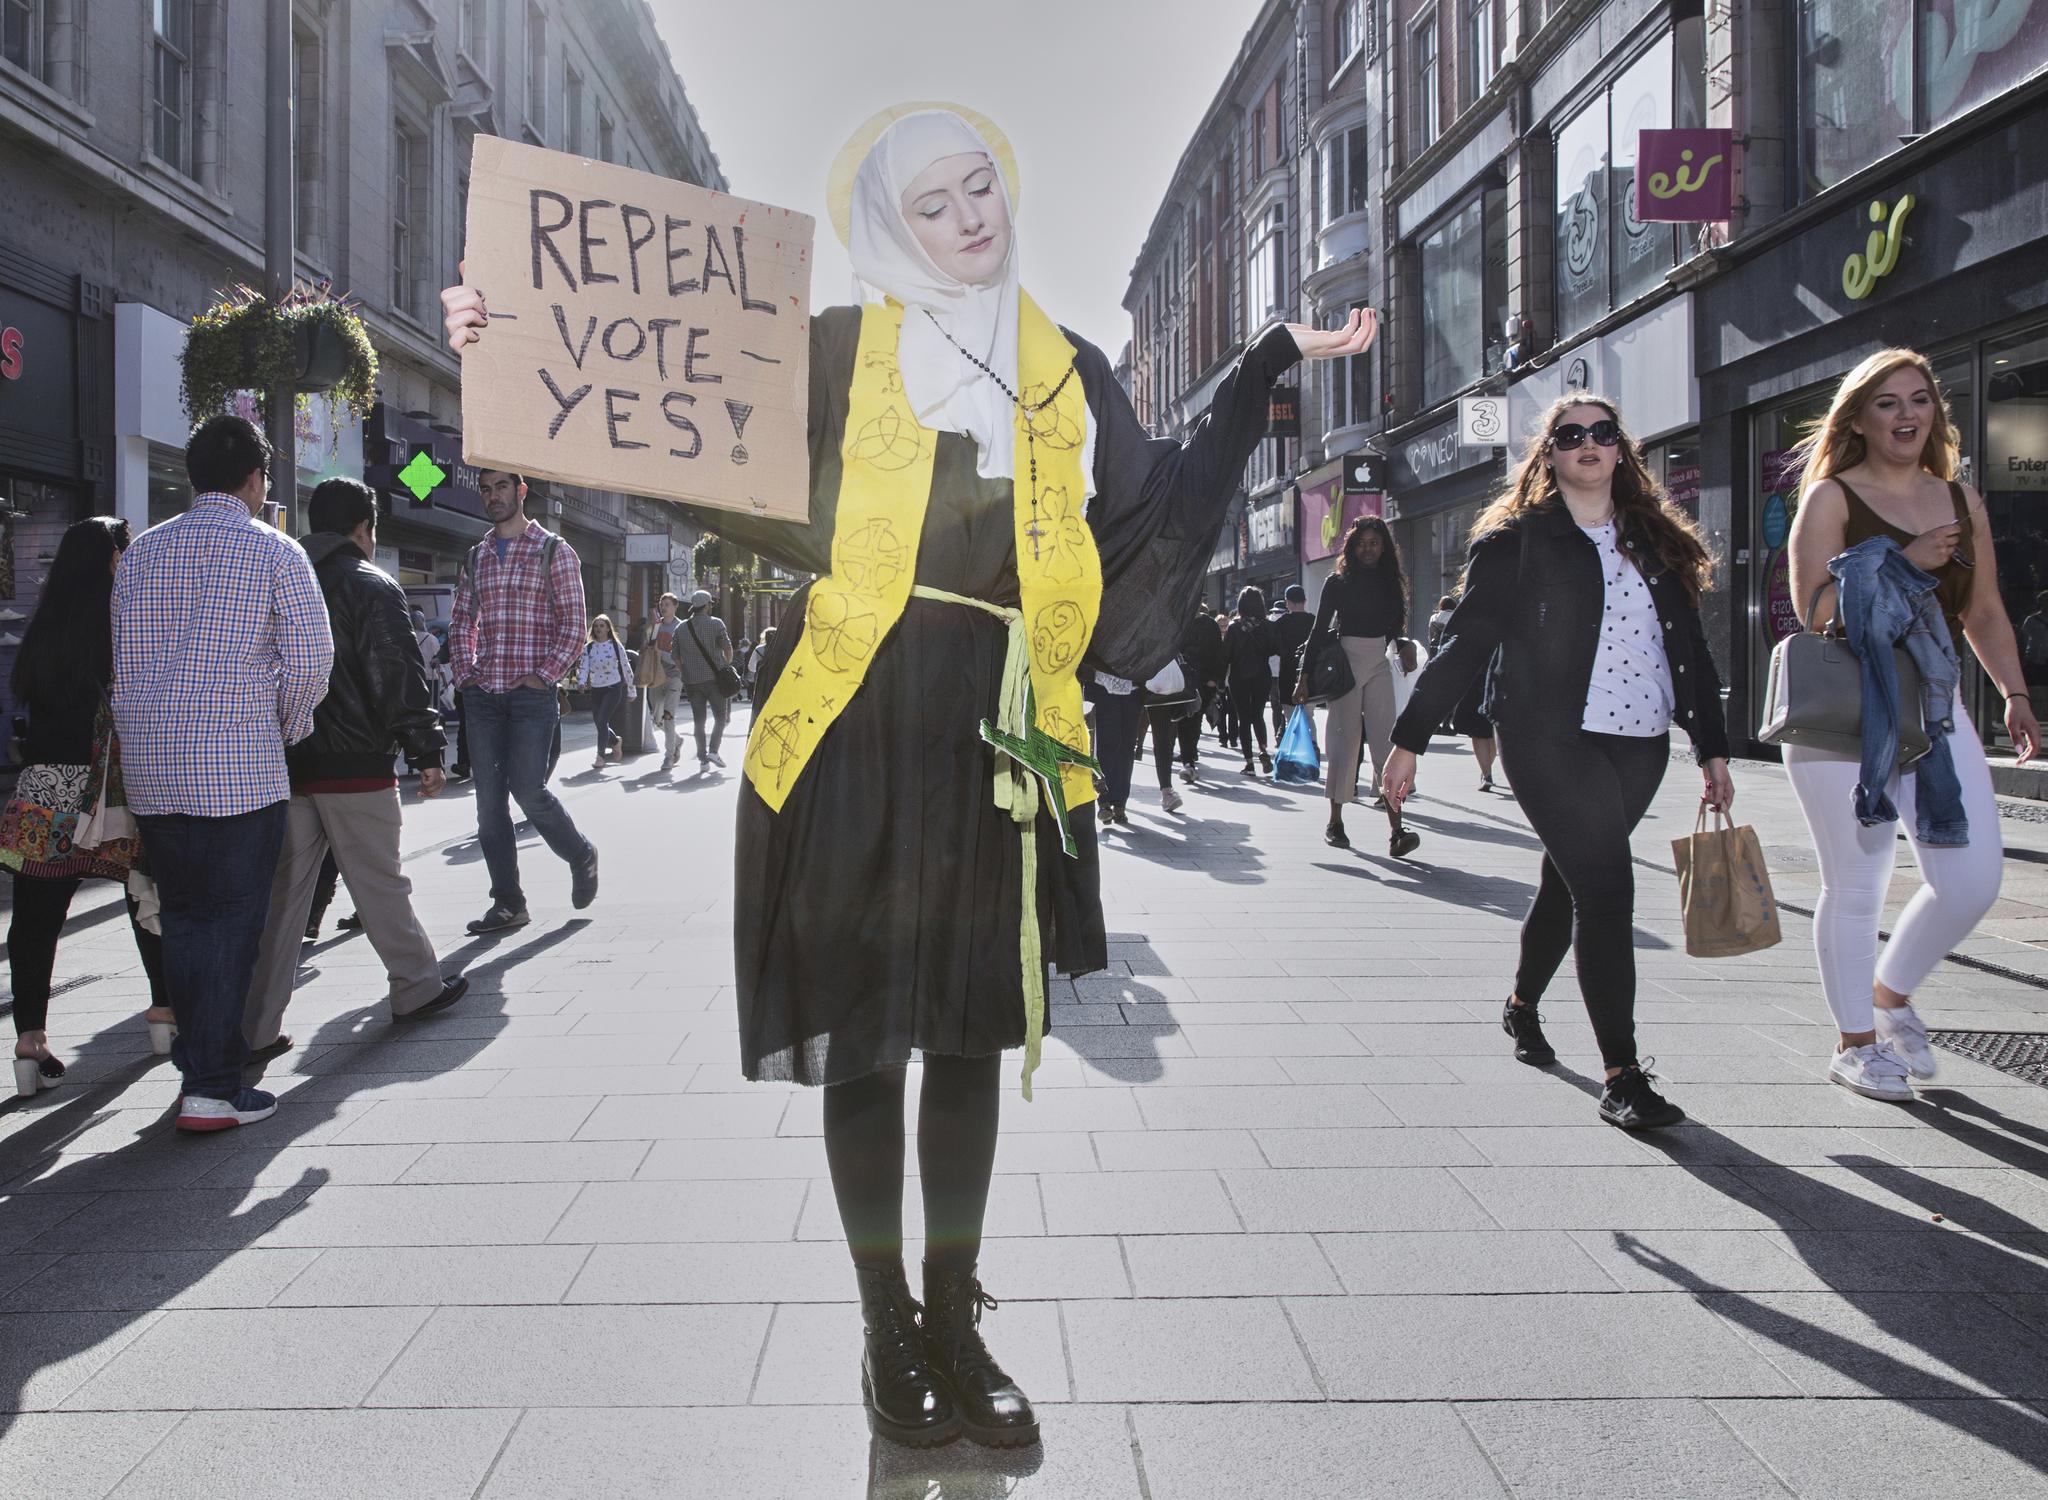 작년 4월 아일랜드 더블린 도심에서 성녀 브리지드의 복장을 갖춘 한 시위대가 낙태금지법 폐지를 위한 거리시위를 하고 있다.[AP=연합뉴스]